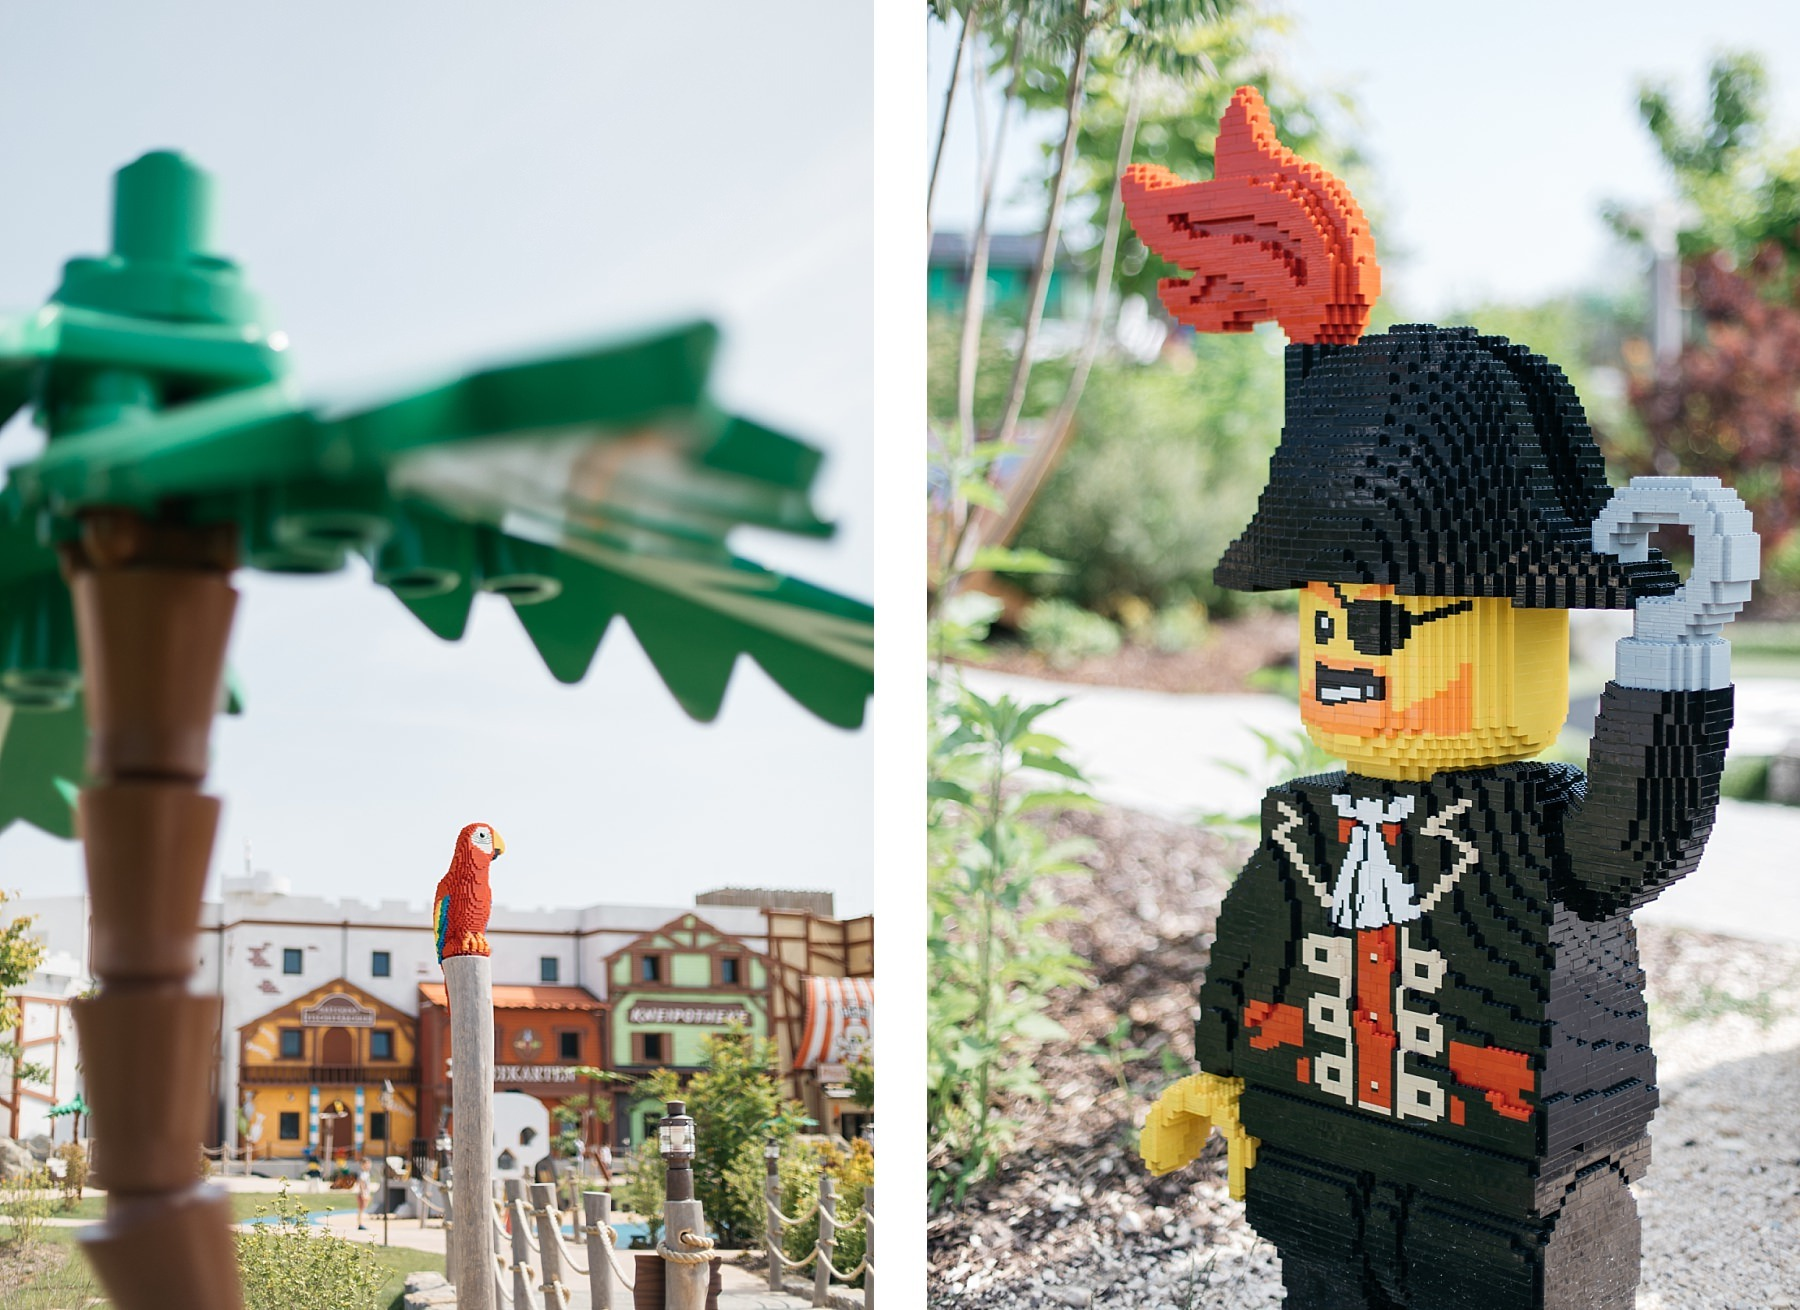 Legoland - 57 millions de briques Lego 69